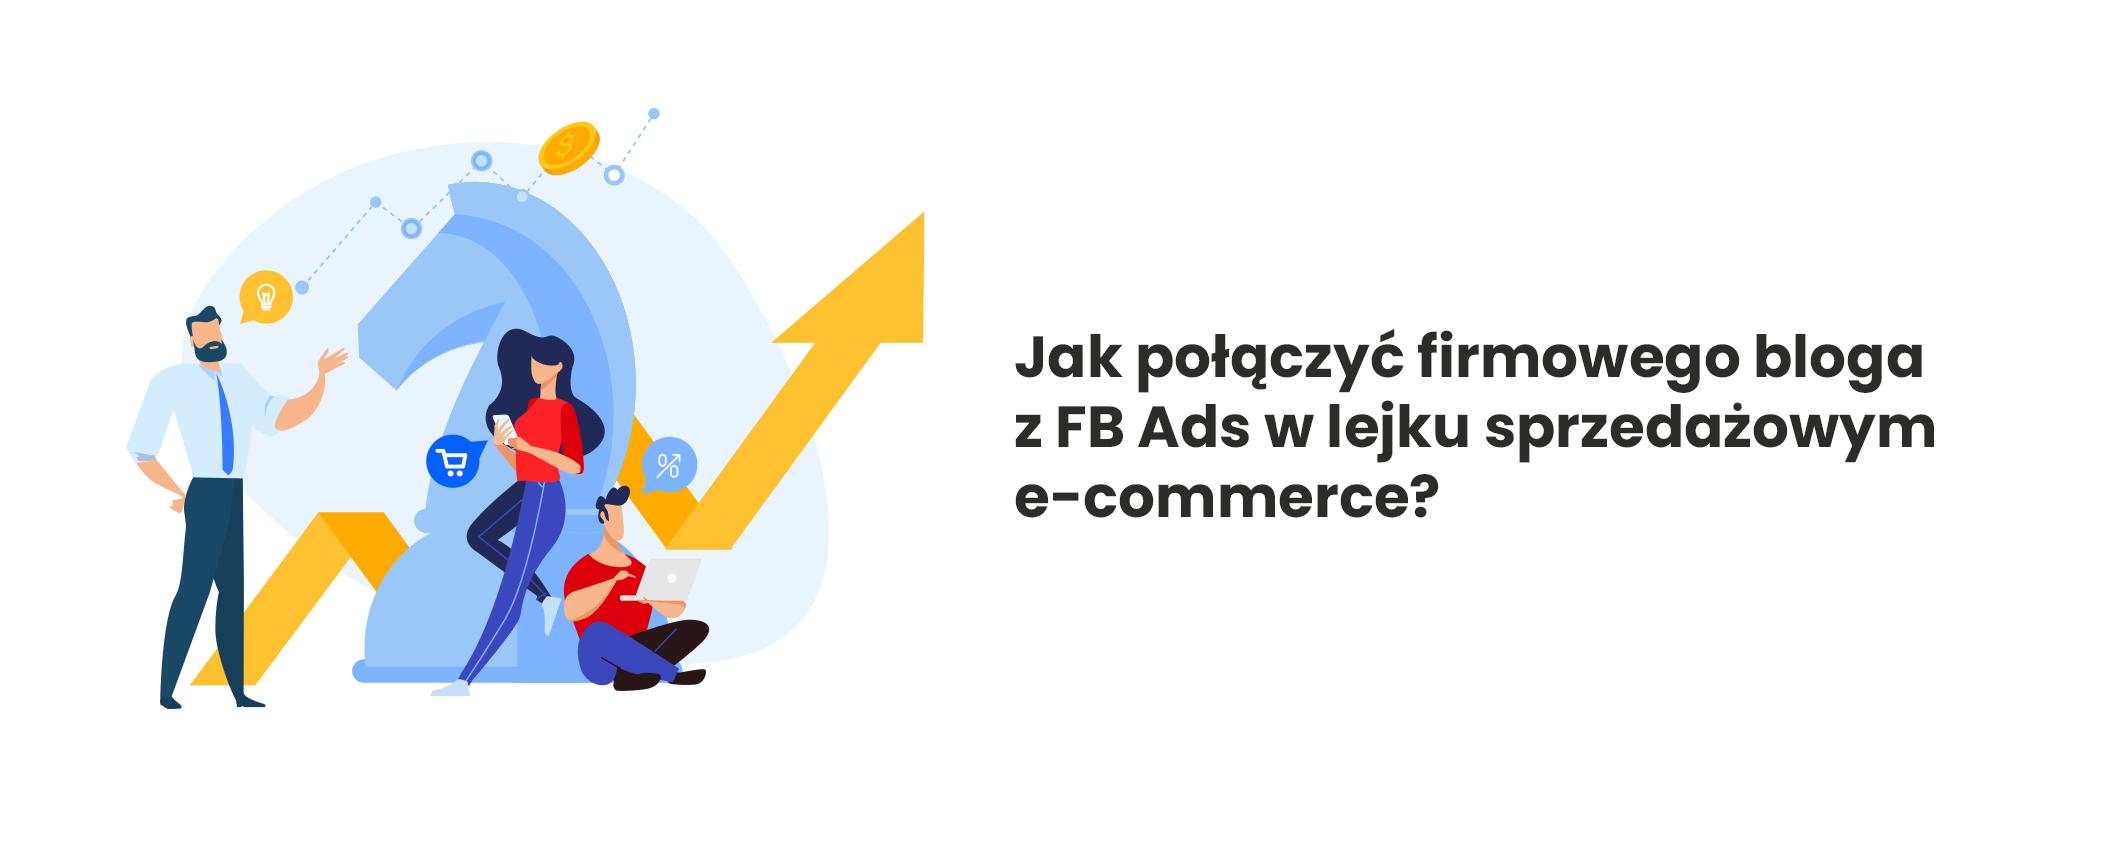 fb ads w lejku sprzedażowym